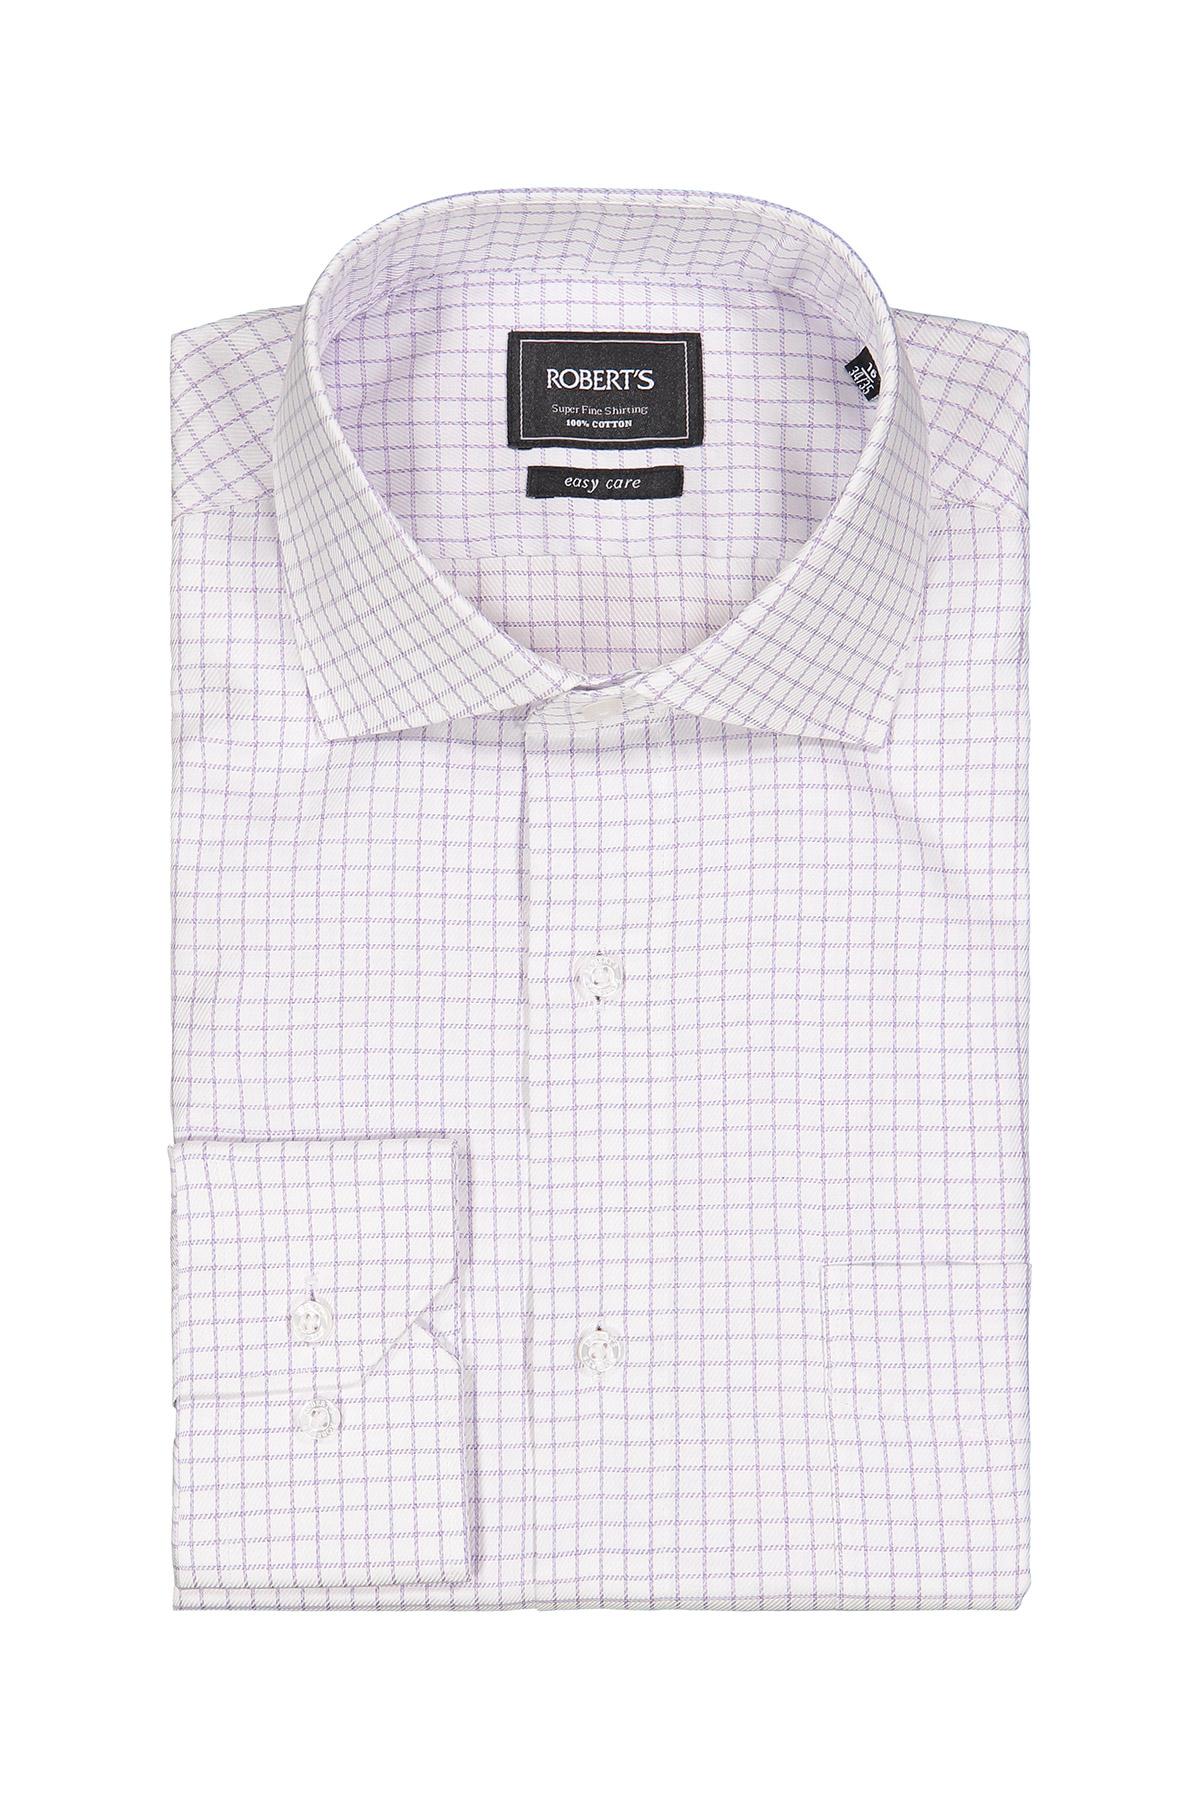 Camisa Robert´s, Easy Care, blanca tramada con cuadros en color lila.